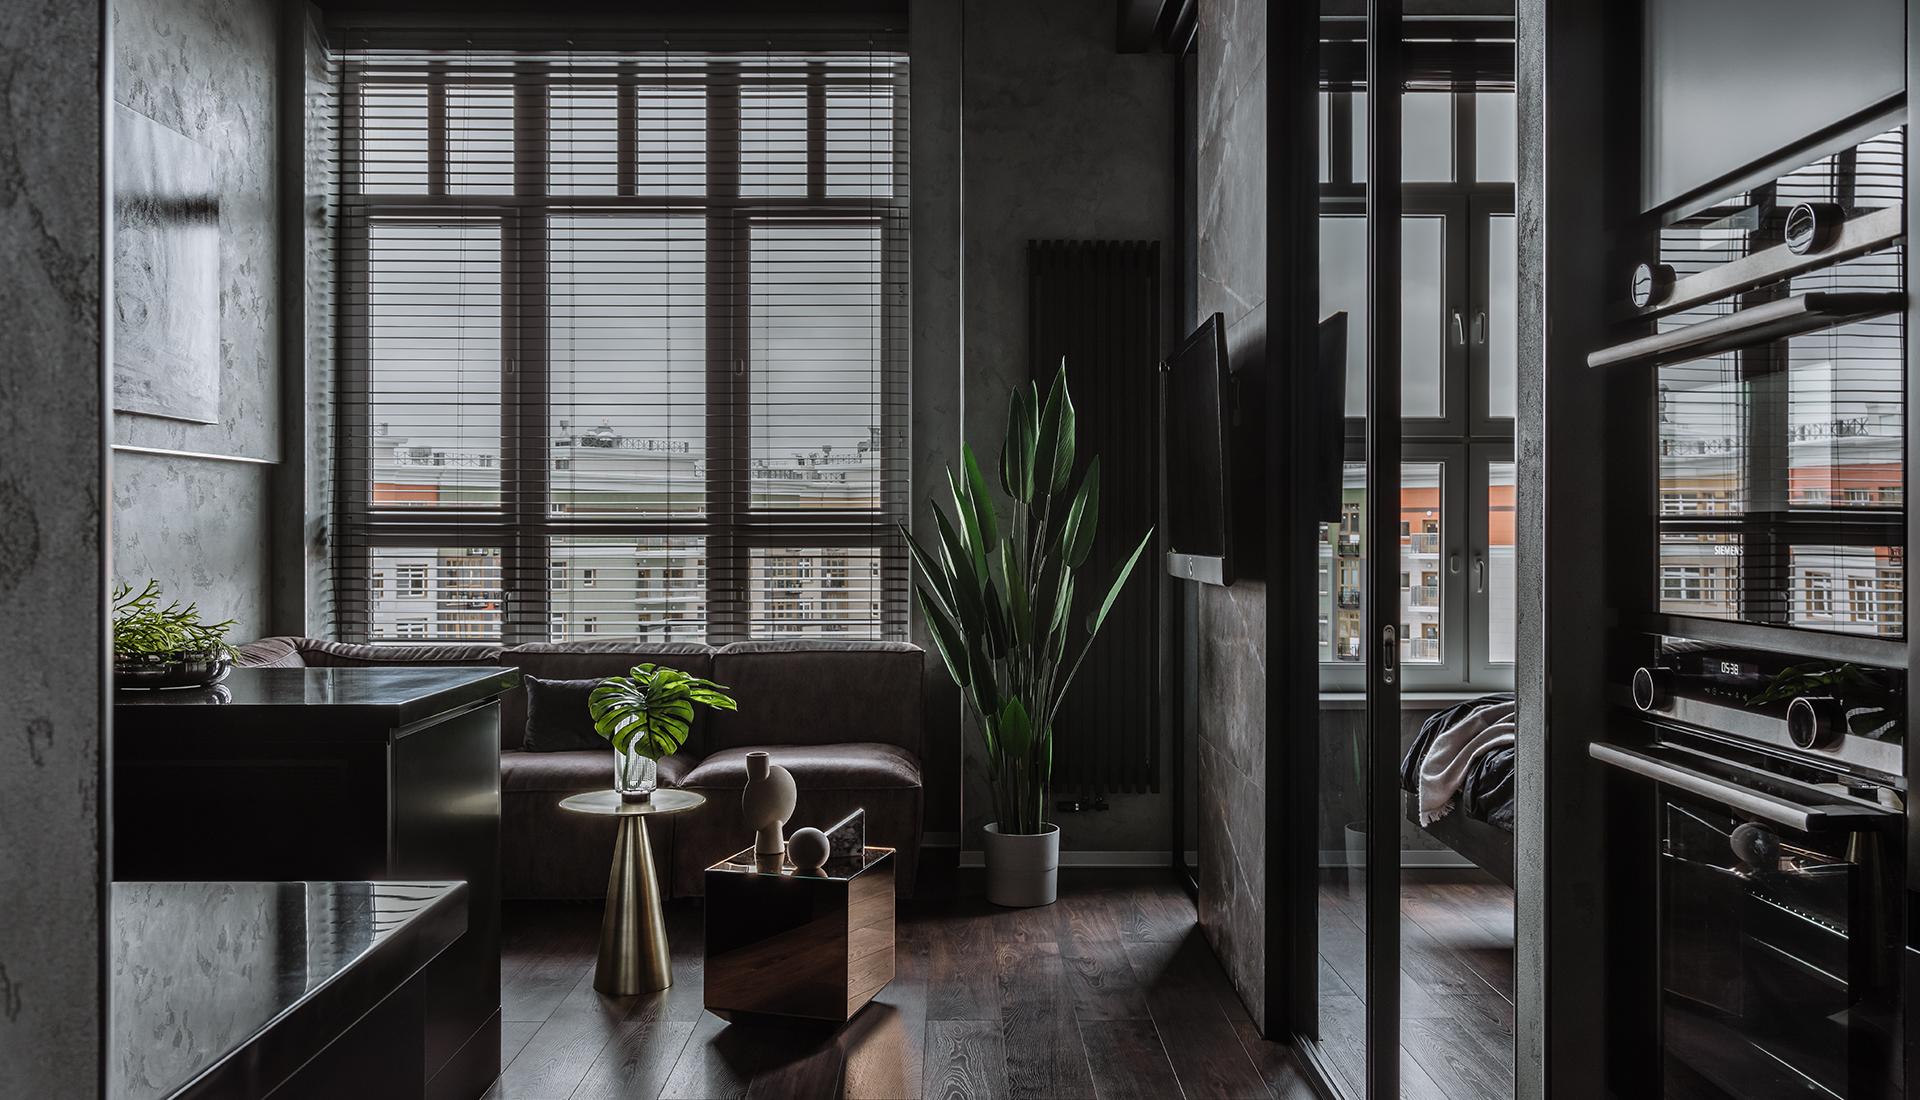 Татьяна Романова: маленькая квартира 42 кв. метра в Москве